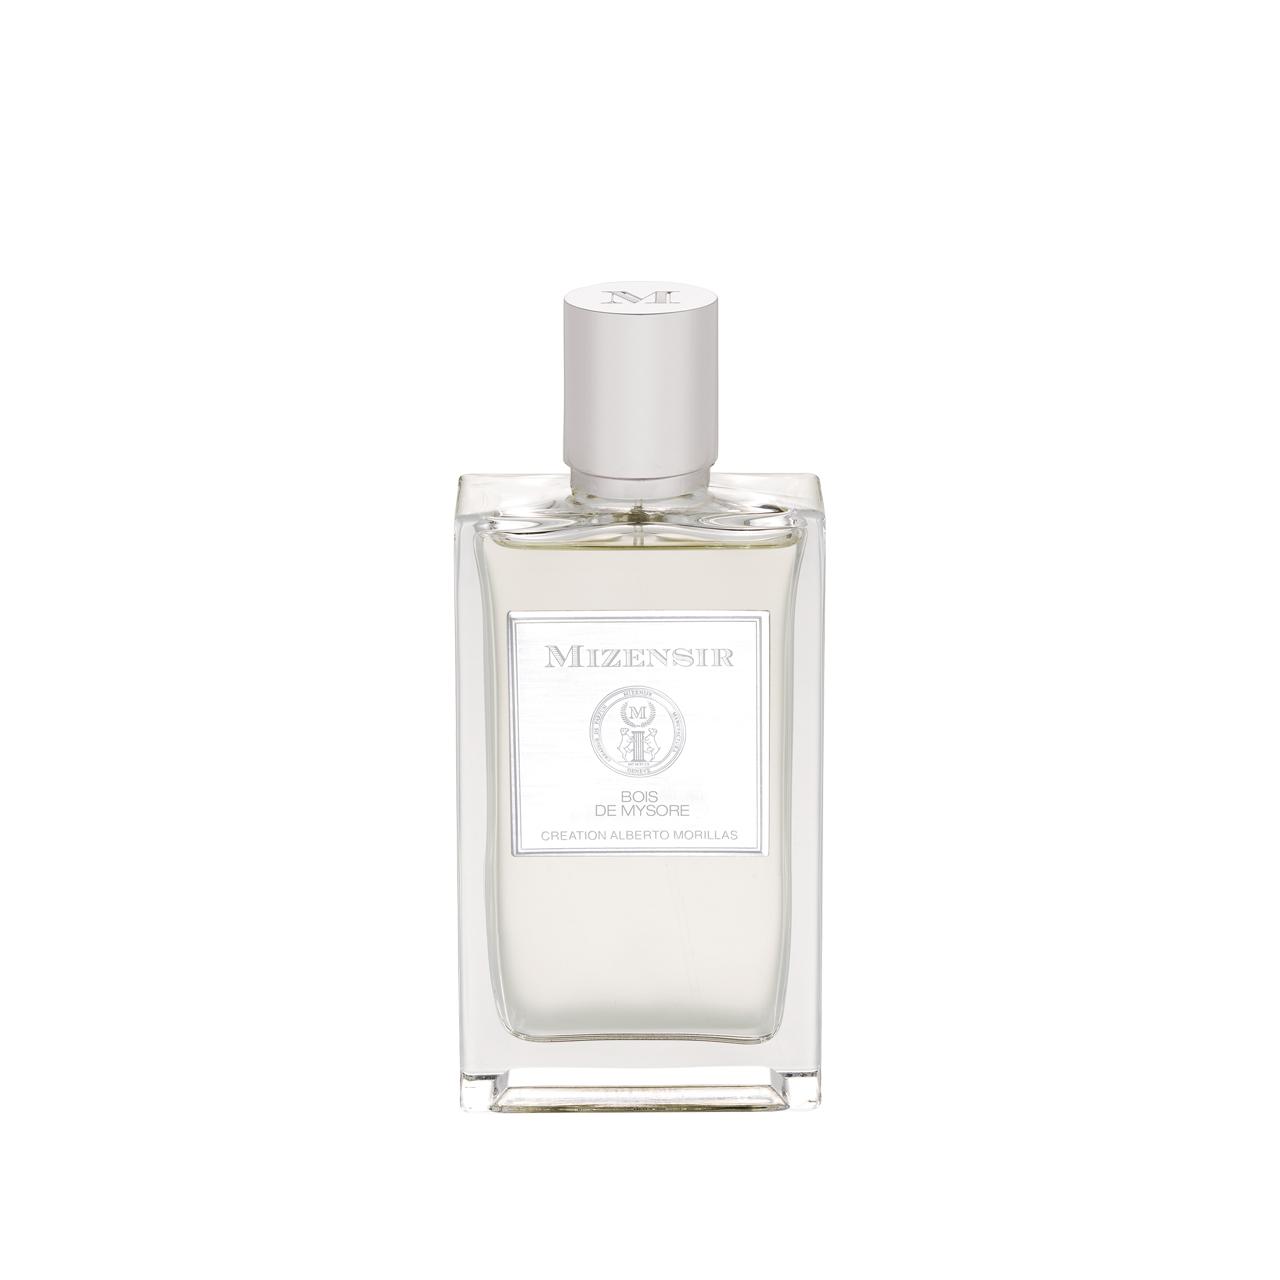 Bois De Mysore - Eau de Parfum